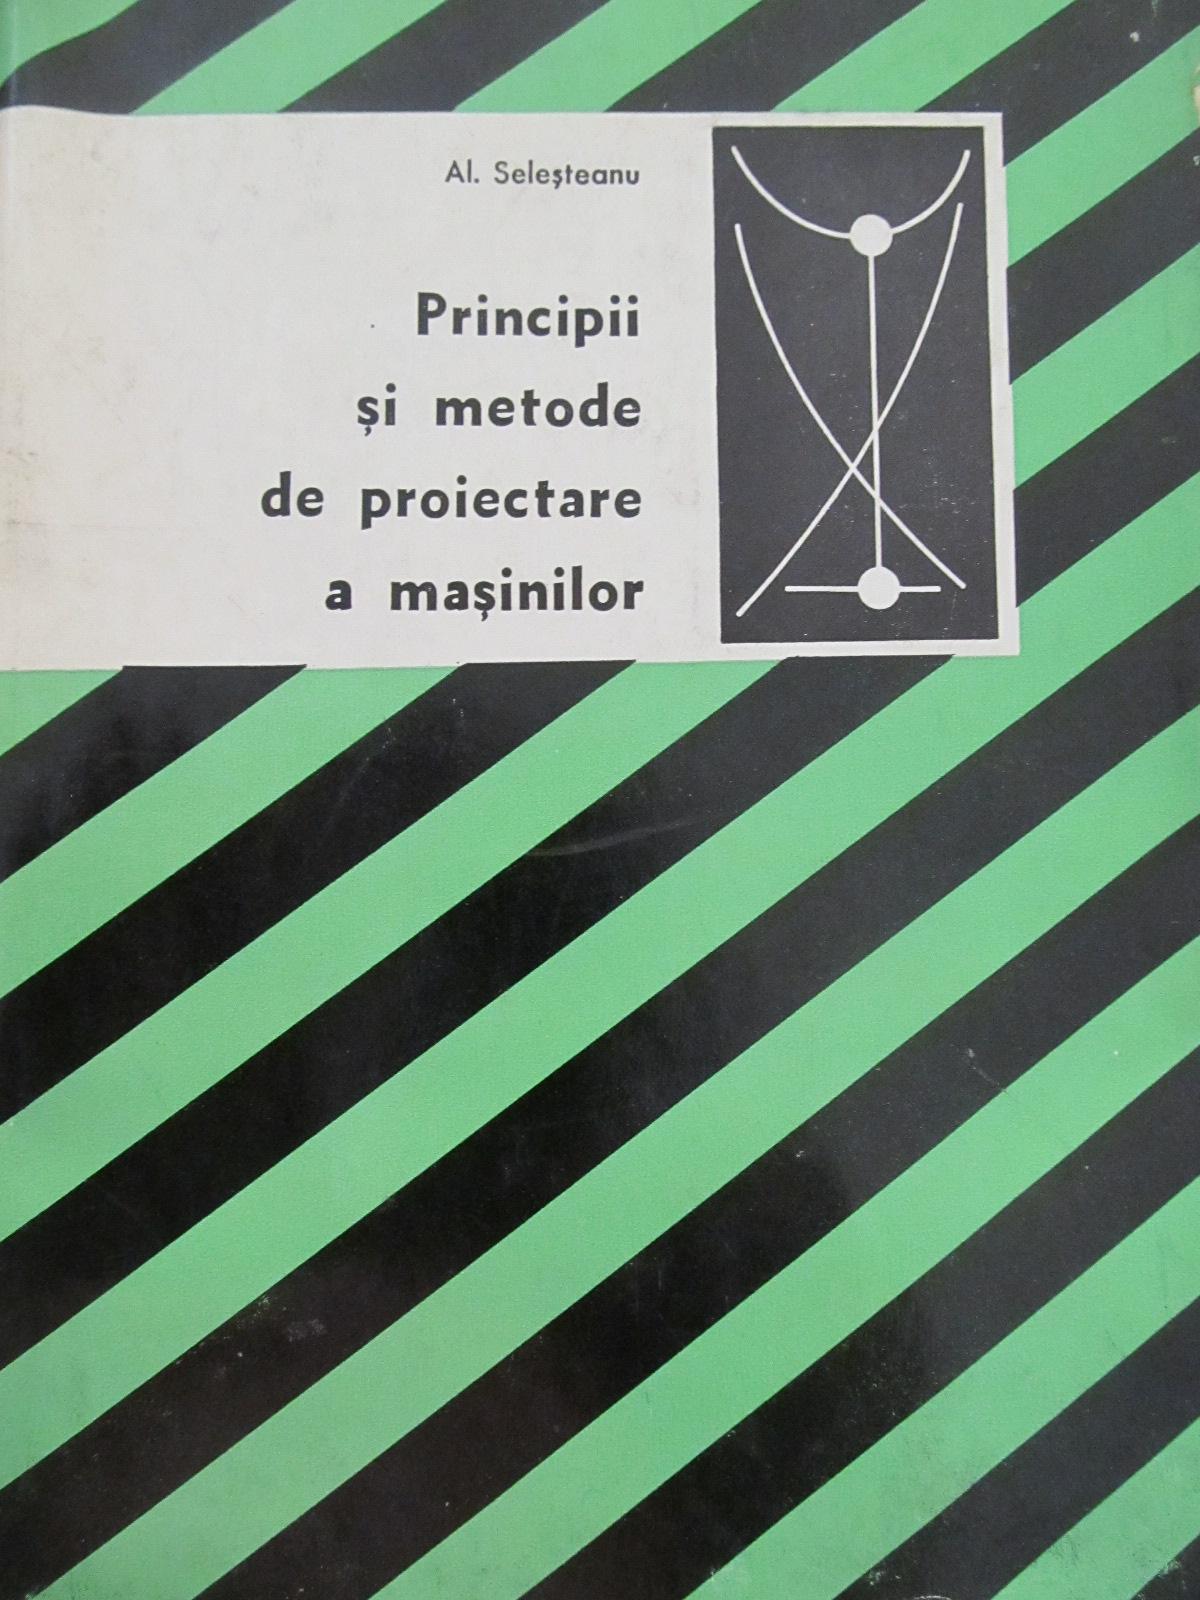 Principii si metode de proiectare a masinilor - Al. Selesteanu | Detalii carte